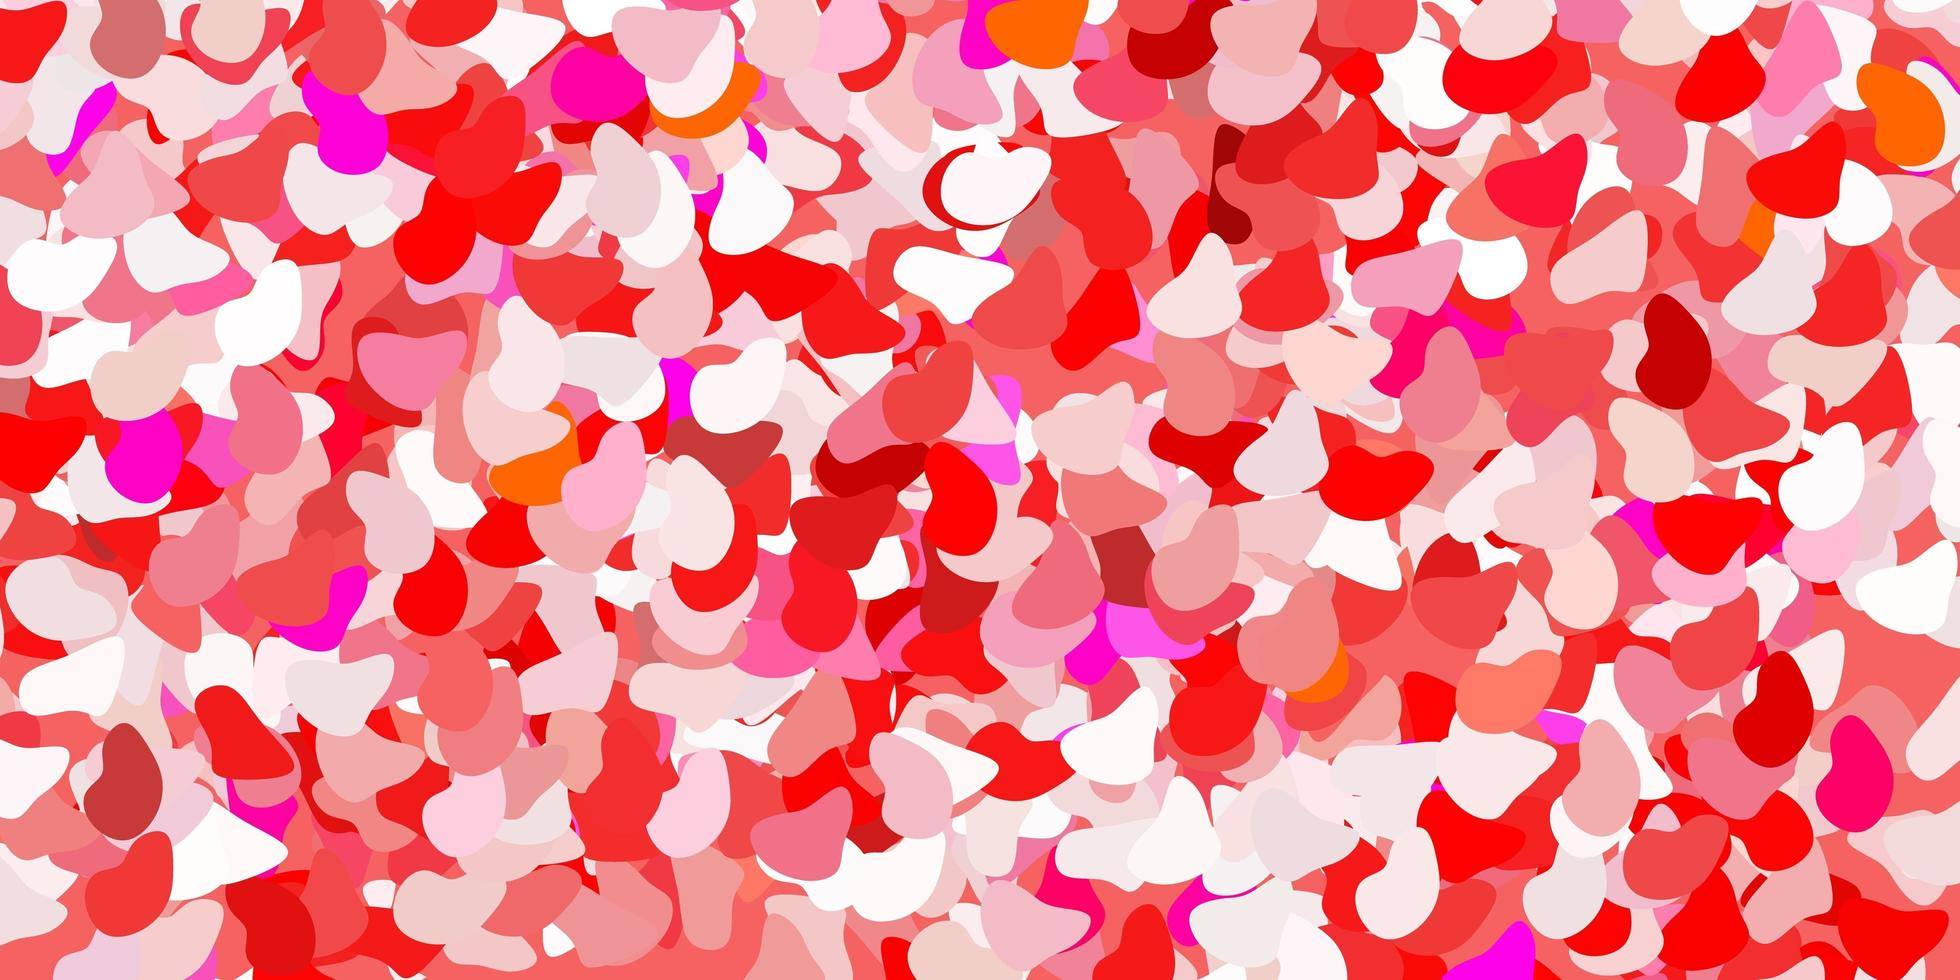 padrão de luz vermelha com formas abstratas. vetor